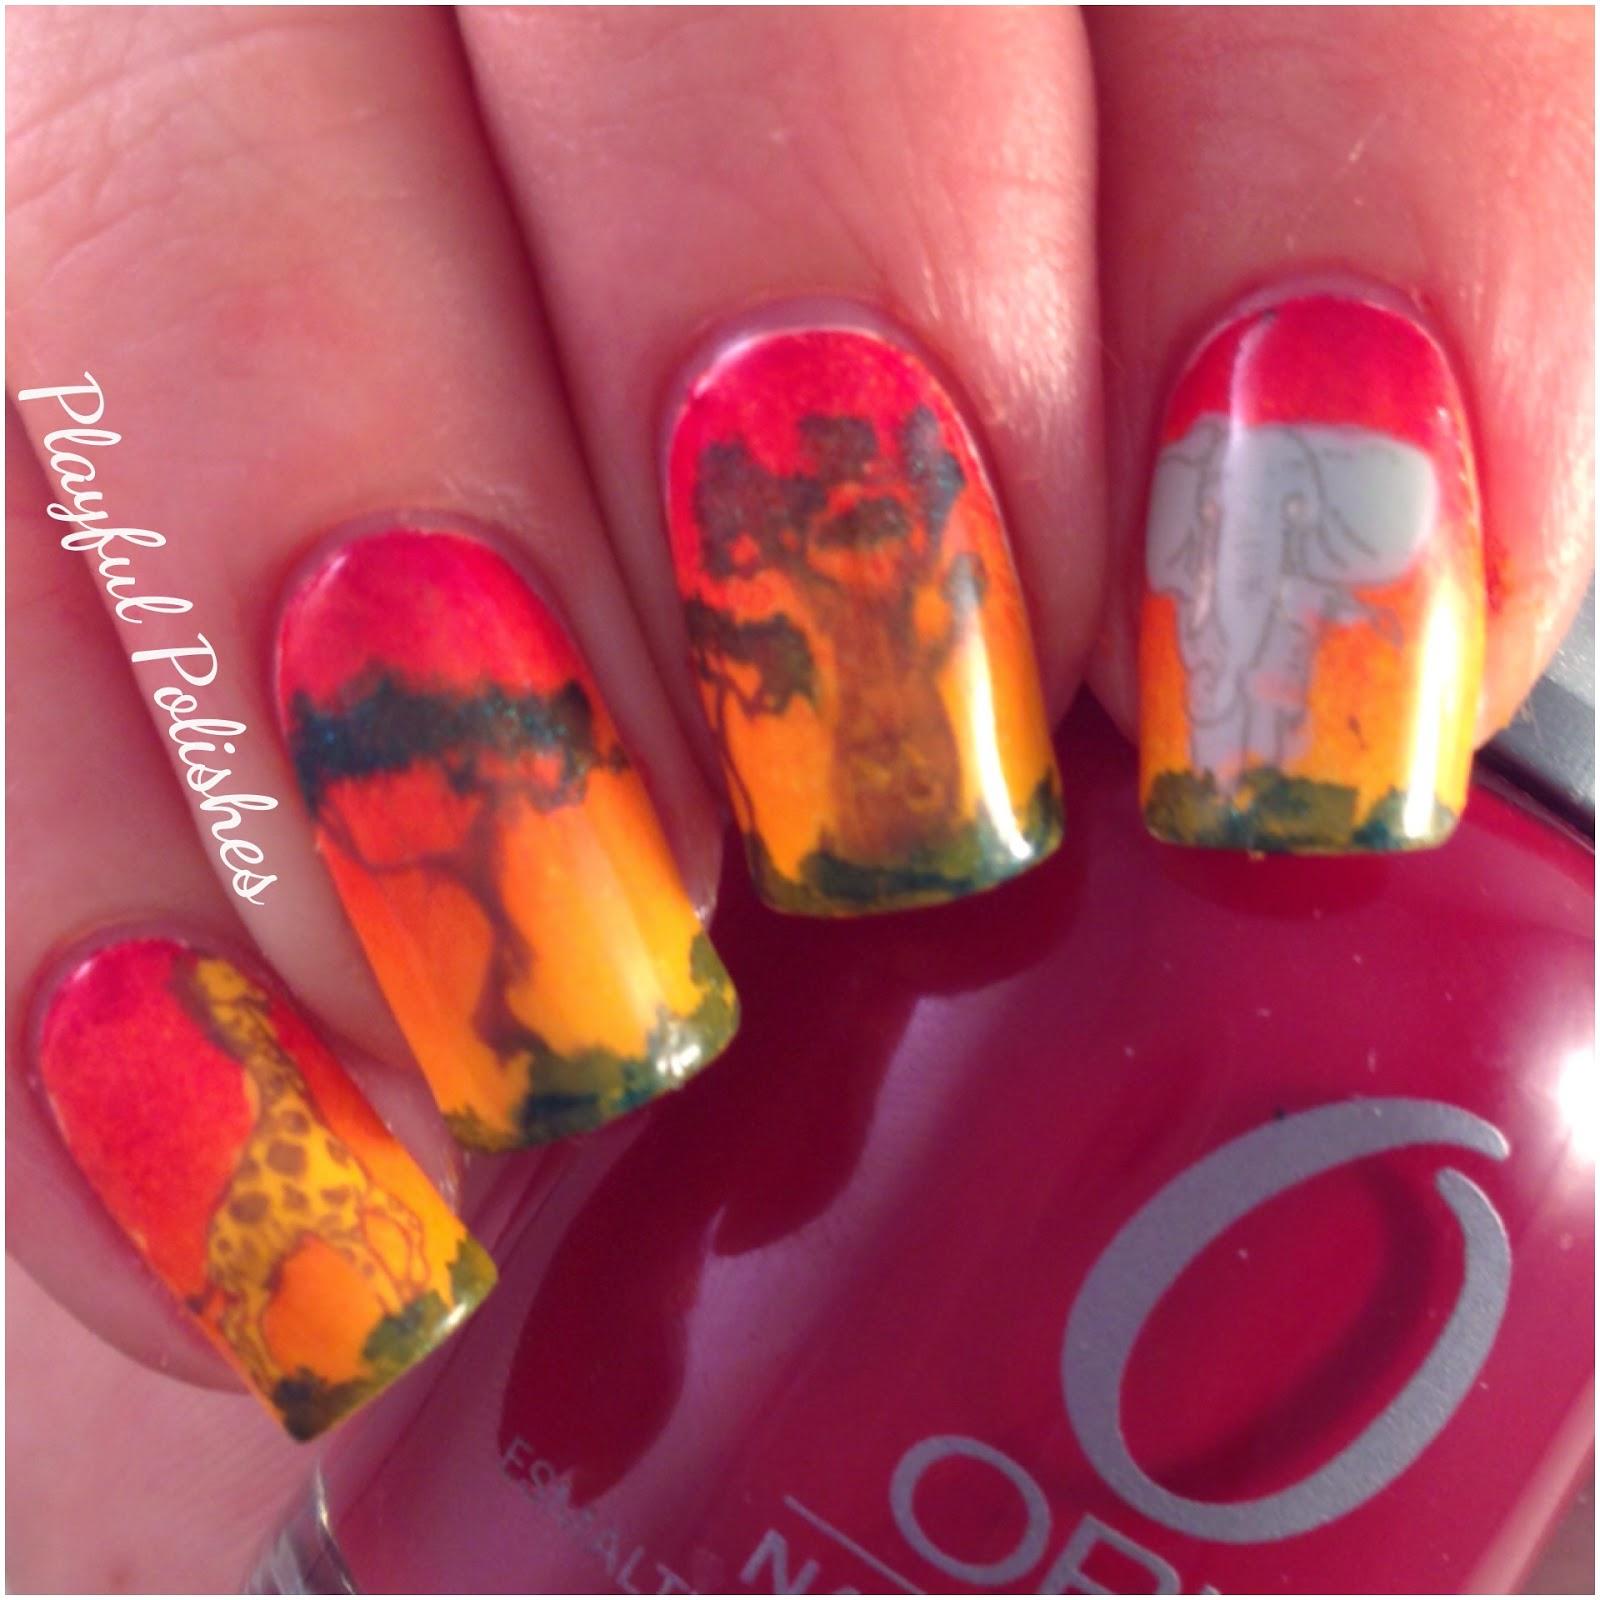 jungle red nail polish